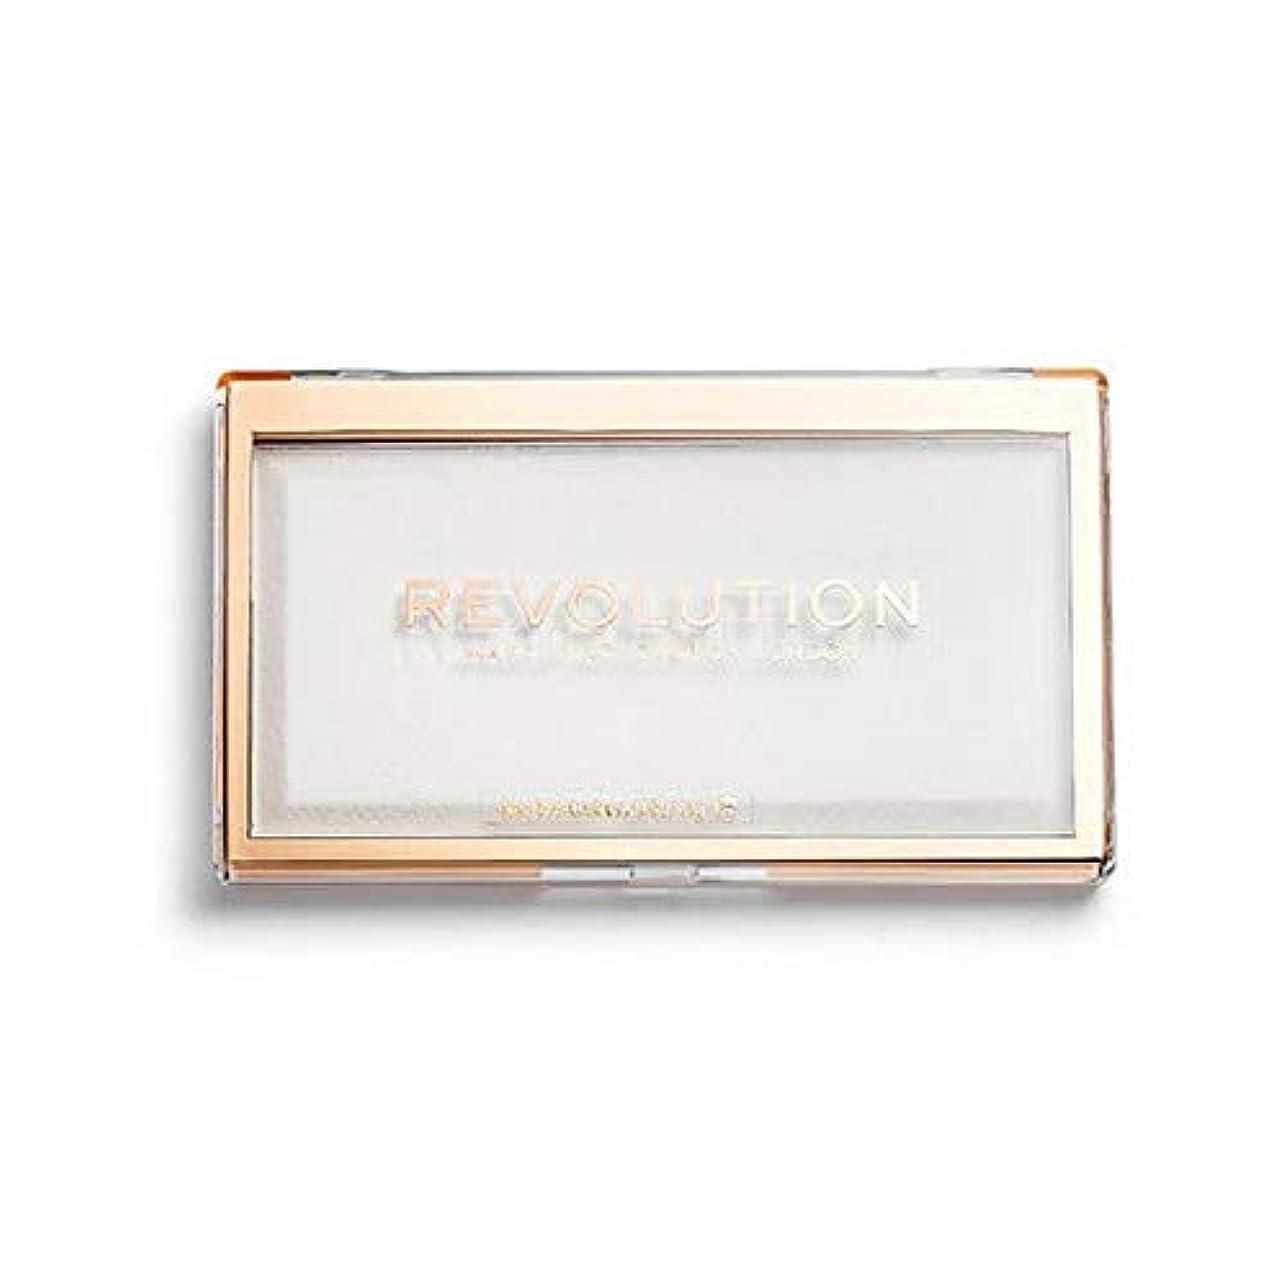 視聴者スイス人不定[Revolution ] 回転マットベース粉末P0 - Revolution Matte Base Powder P0 [並行輸入品]